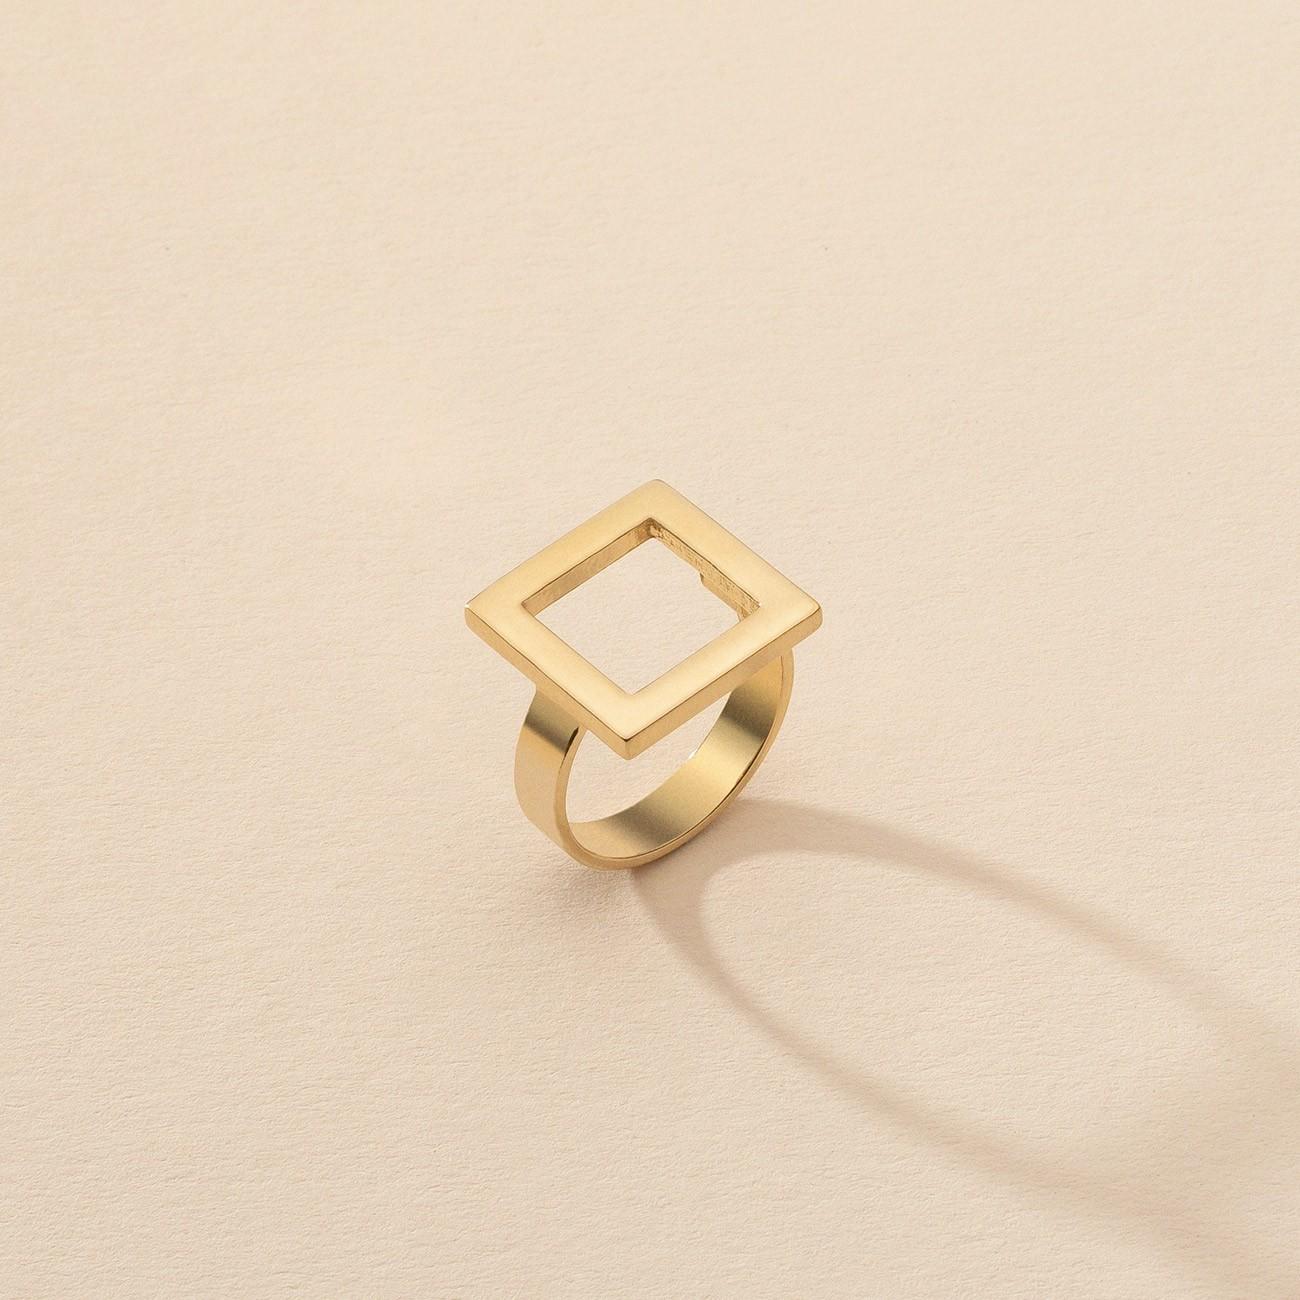 Pierścionek figura geometryczna kwadrat, srebro 925